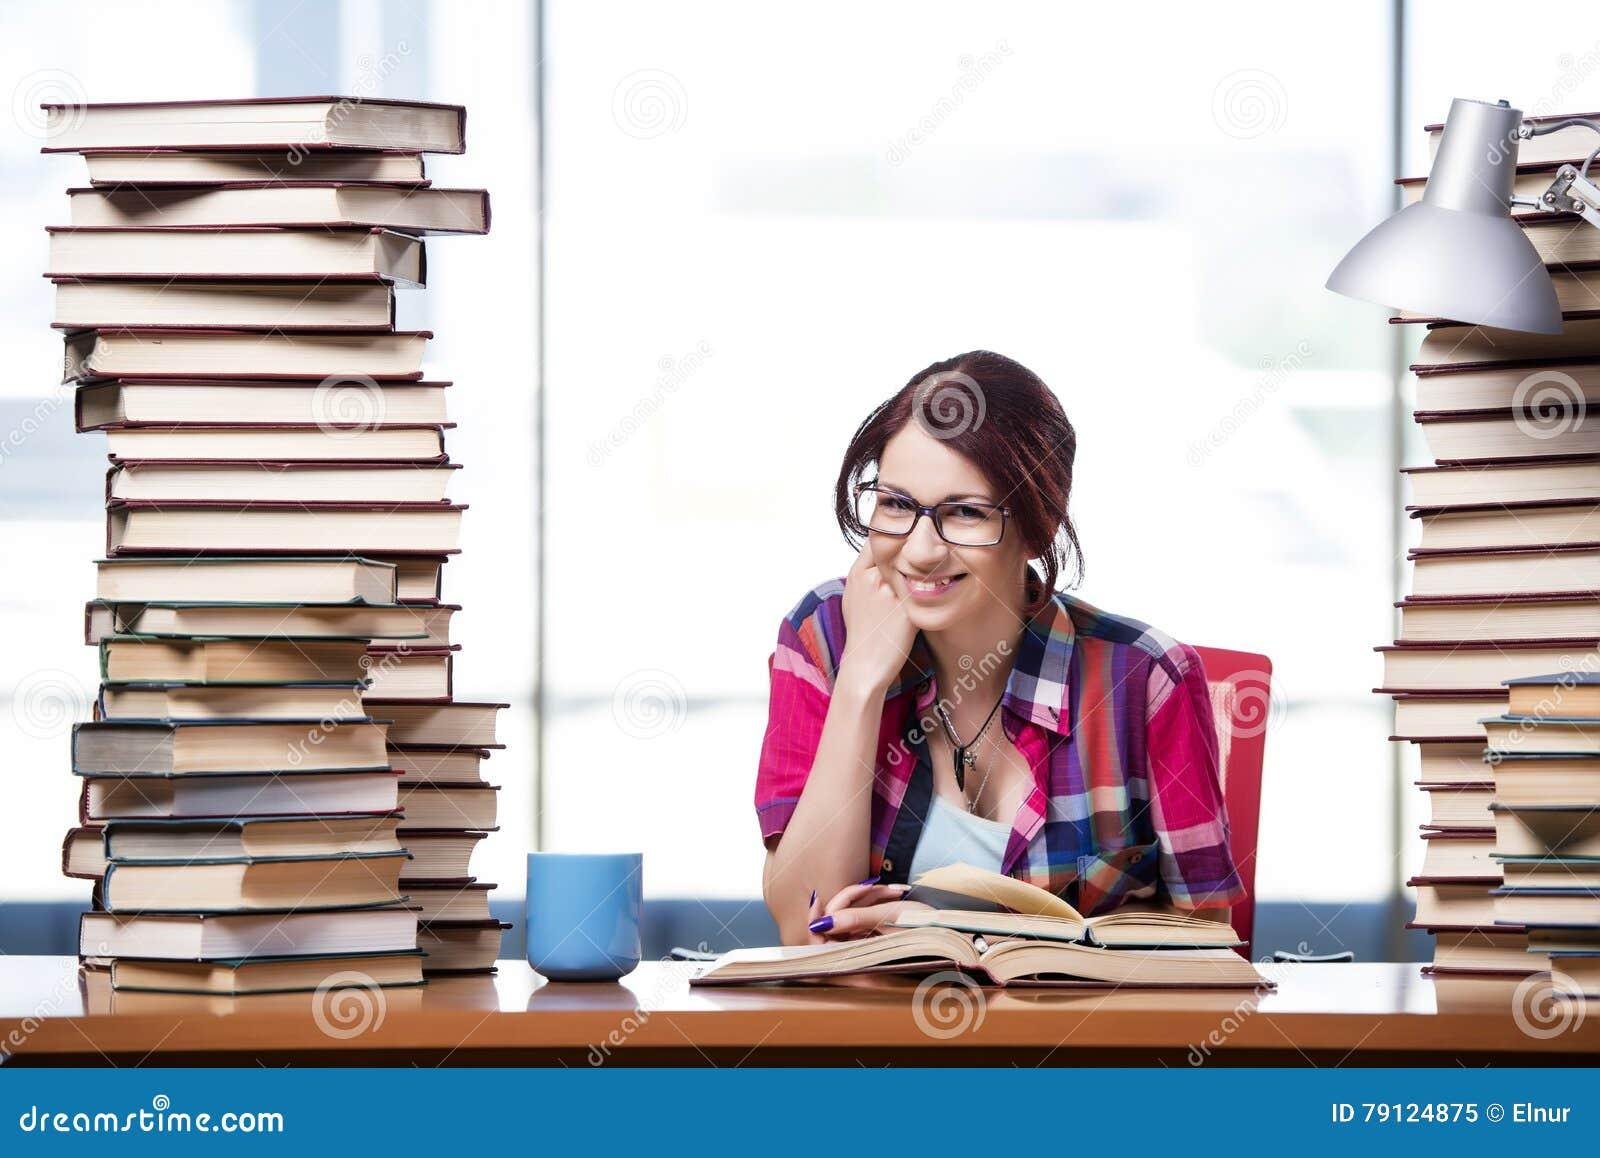 年轻女学生为检查做准备